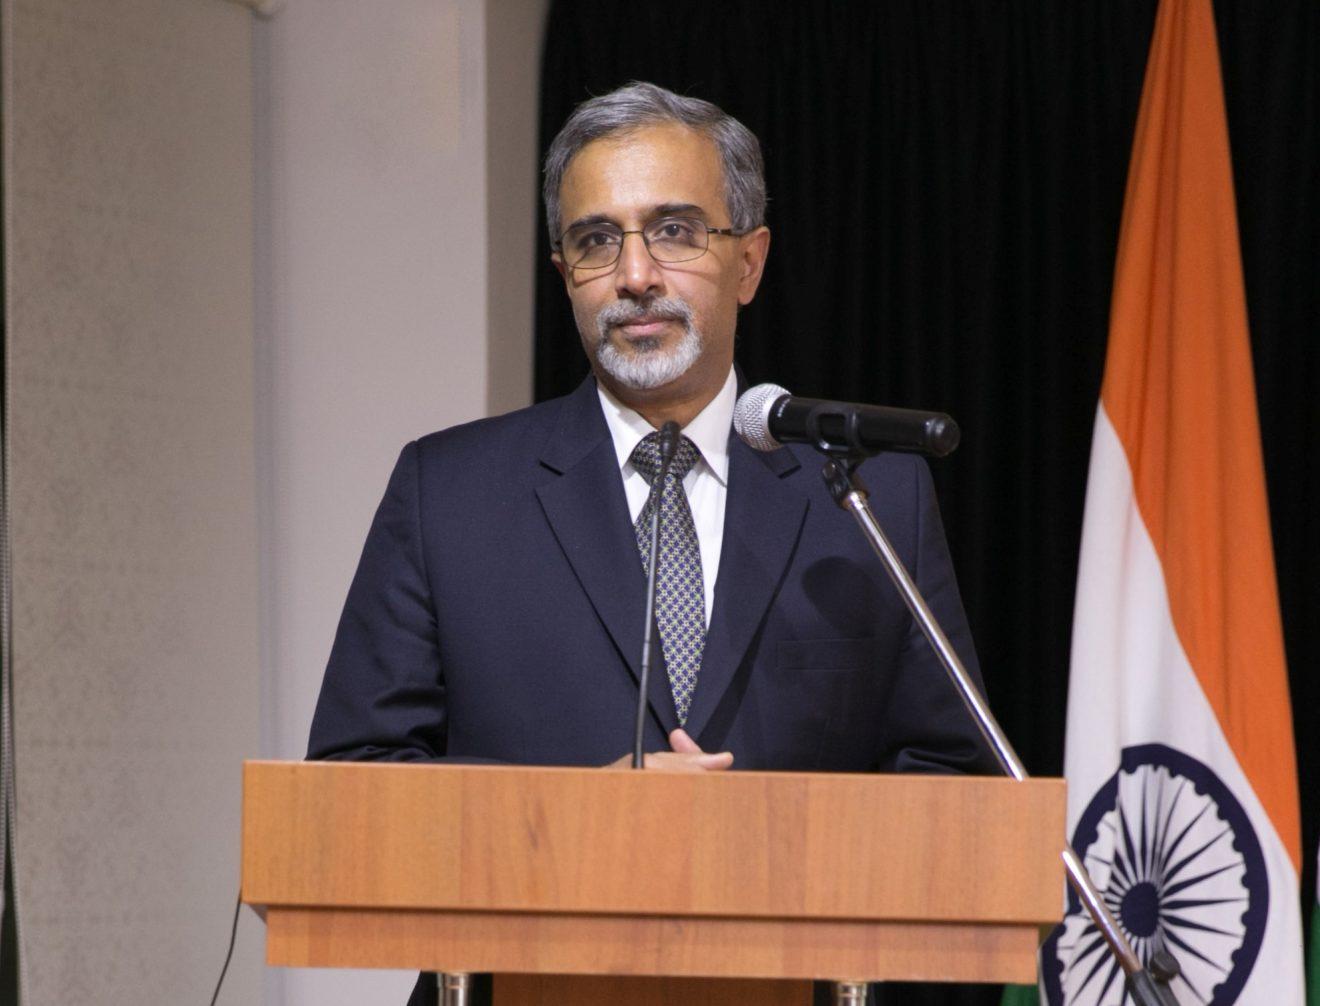 Посол Индии в России Бала Венкатеш Варма